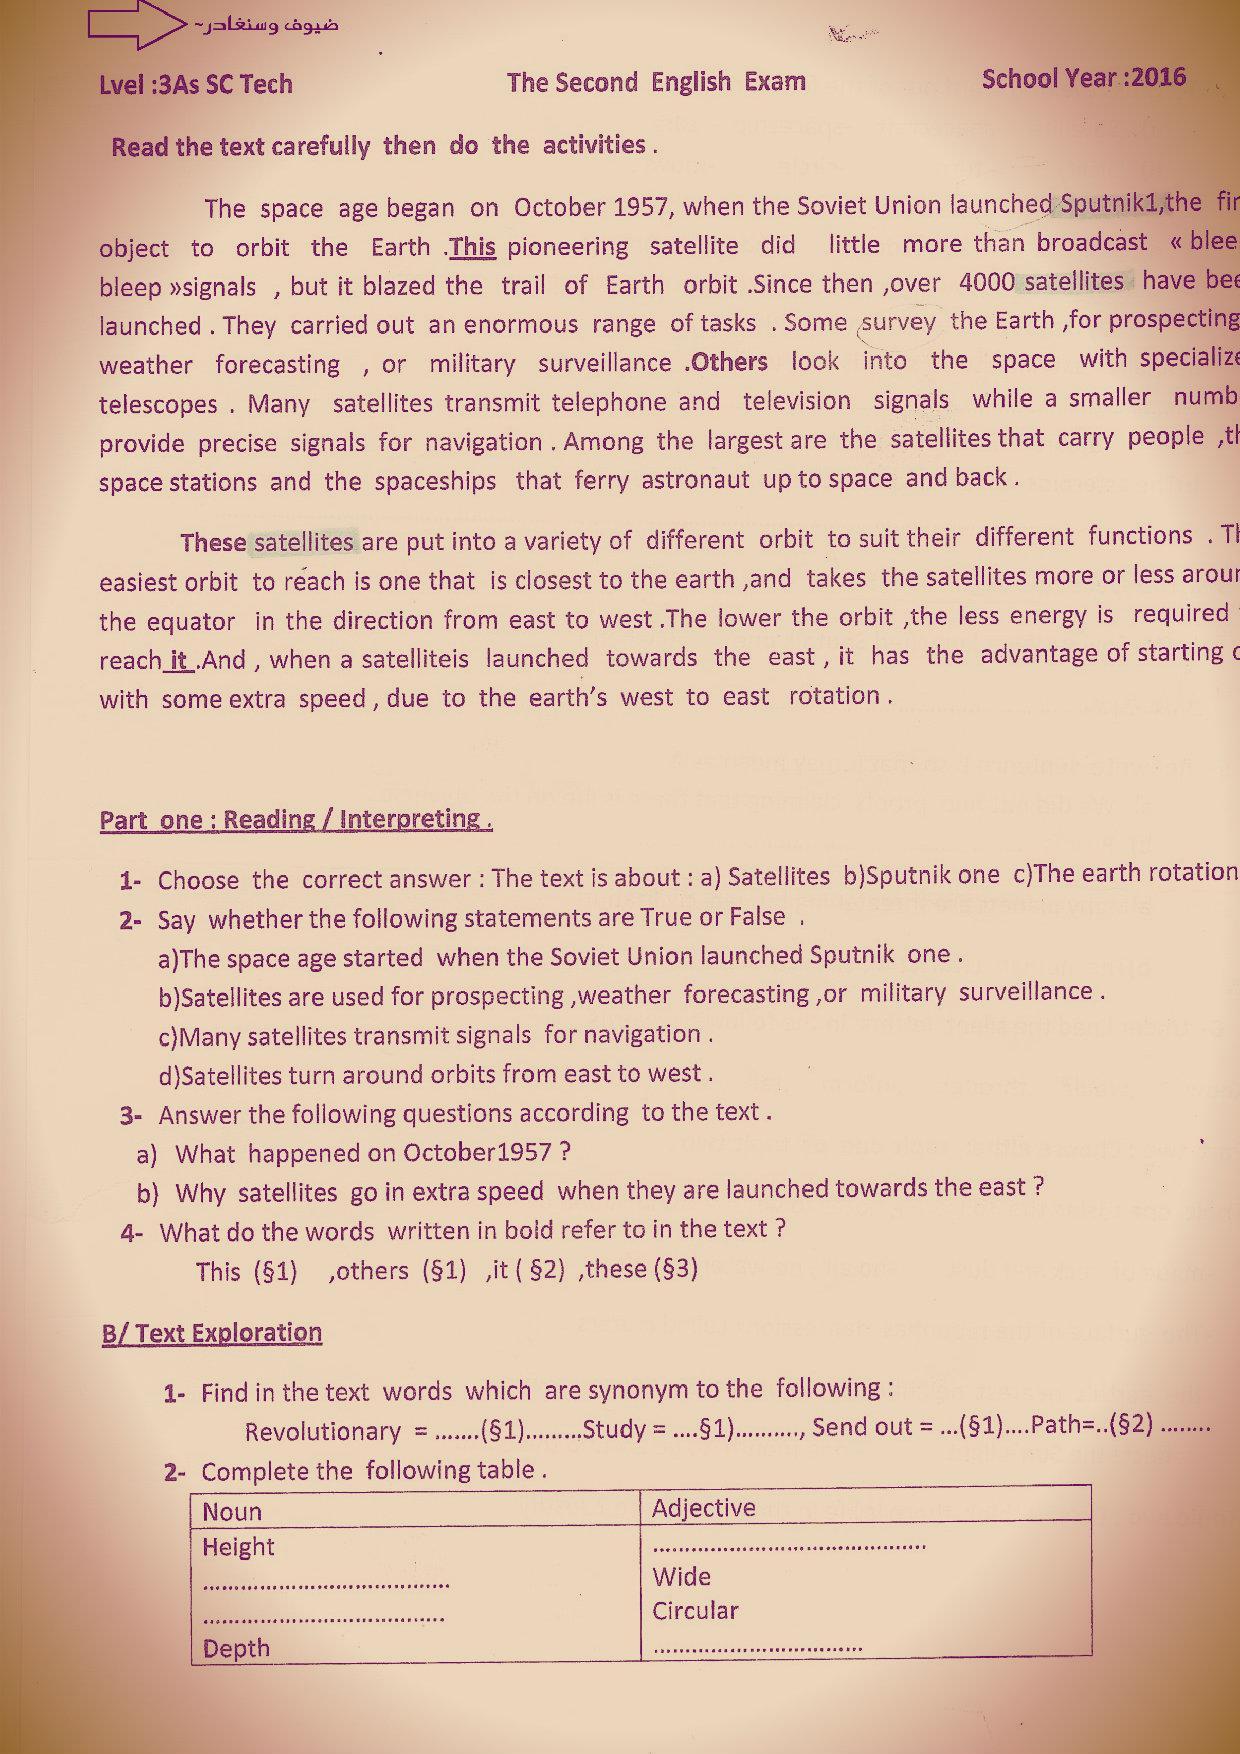 اختبارات ثانويتي للفصل الثاني..شعبة العلوم تجريبية~ 344738752.jpg